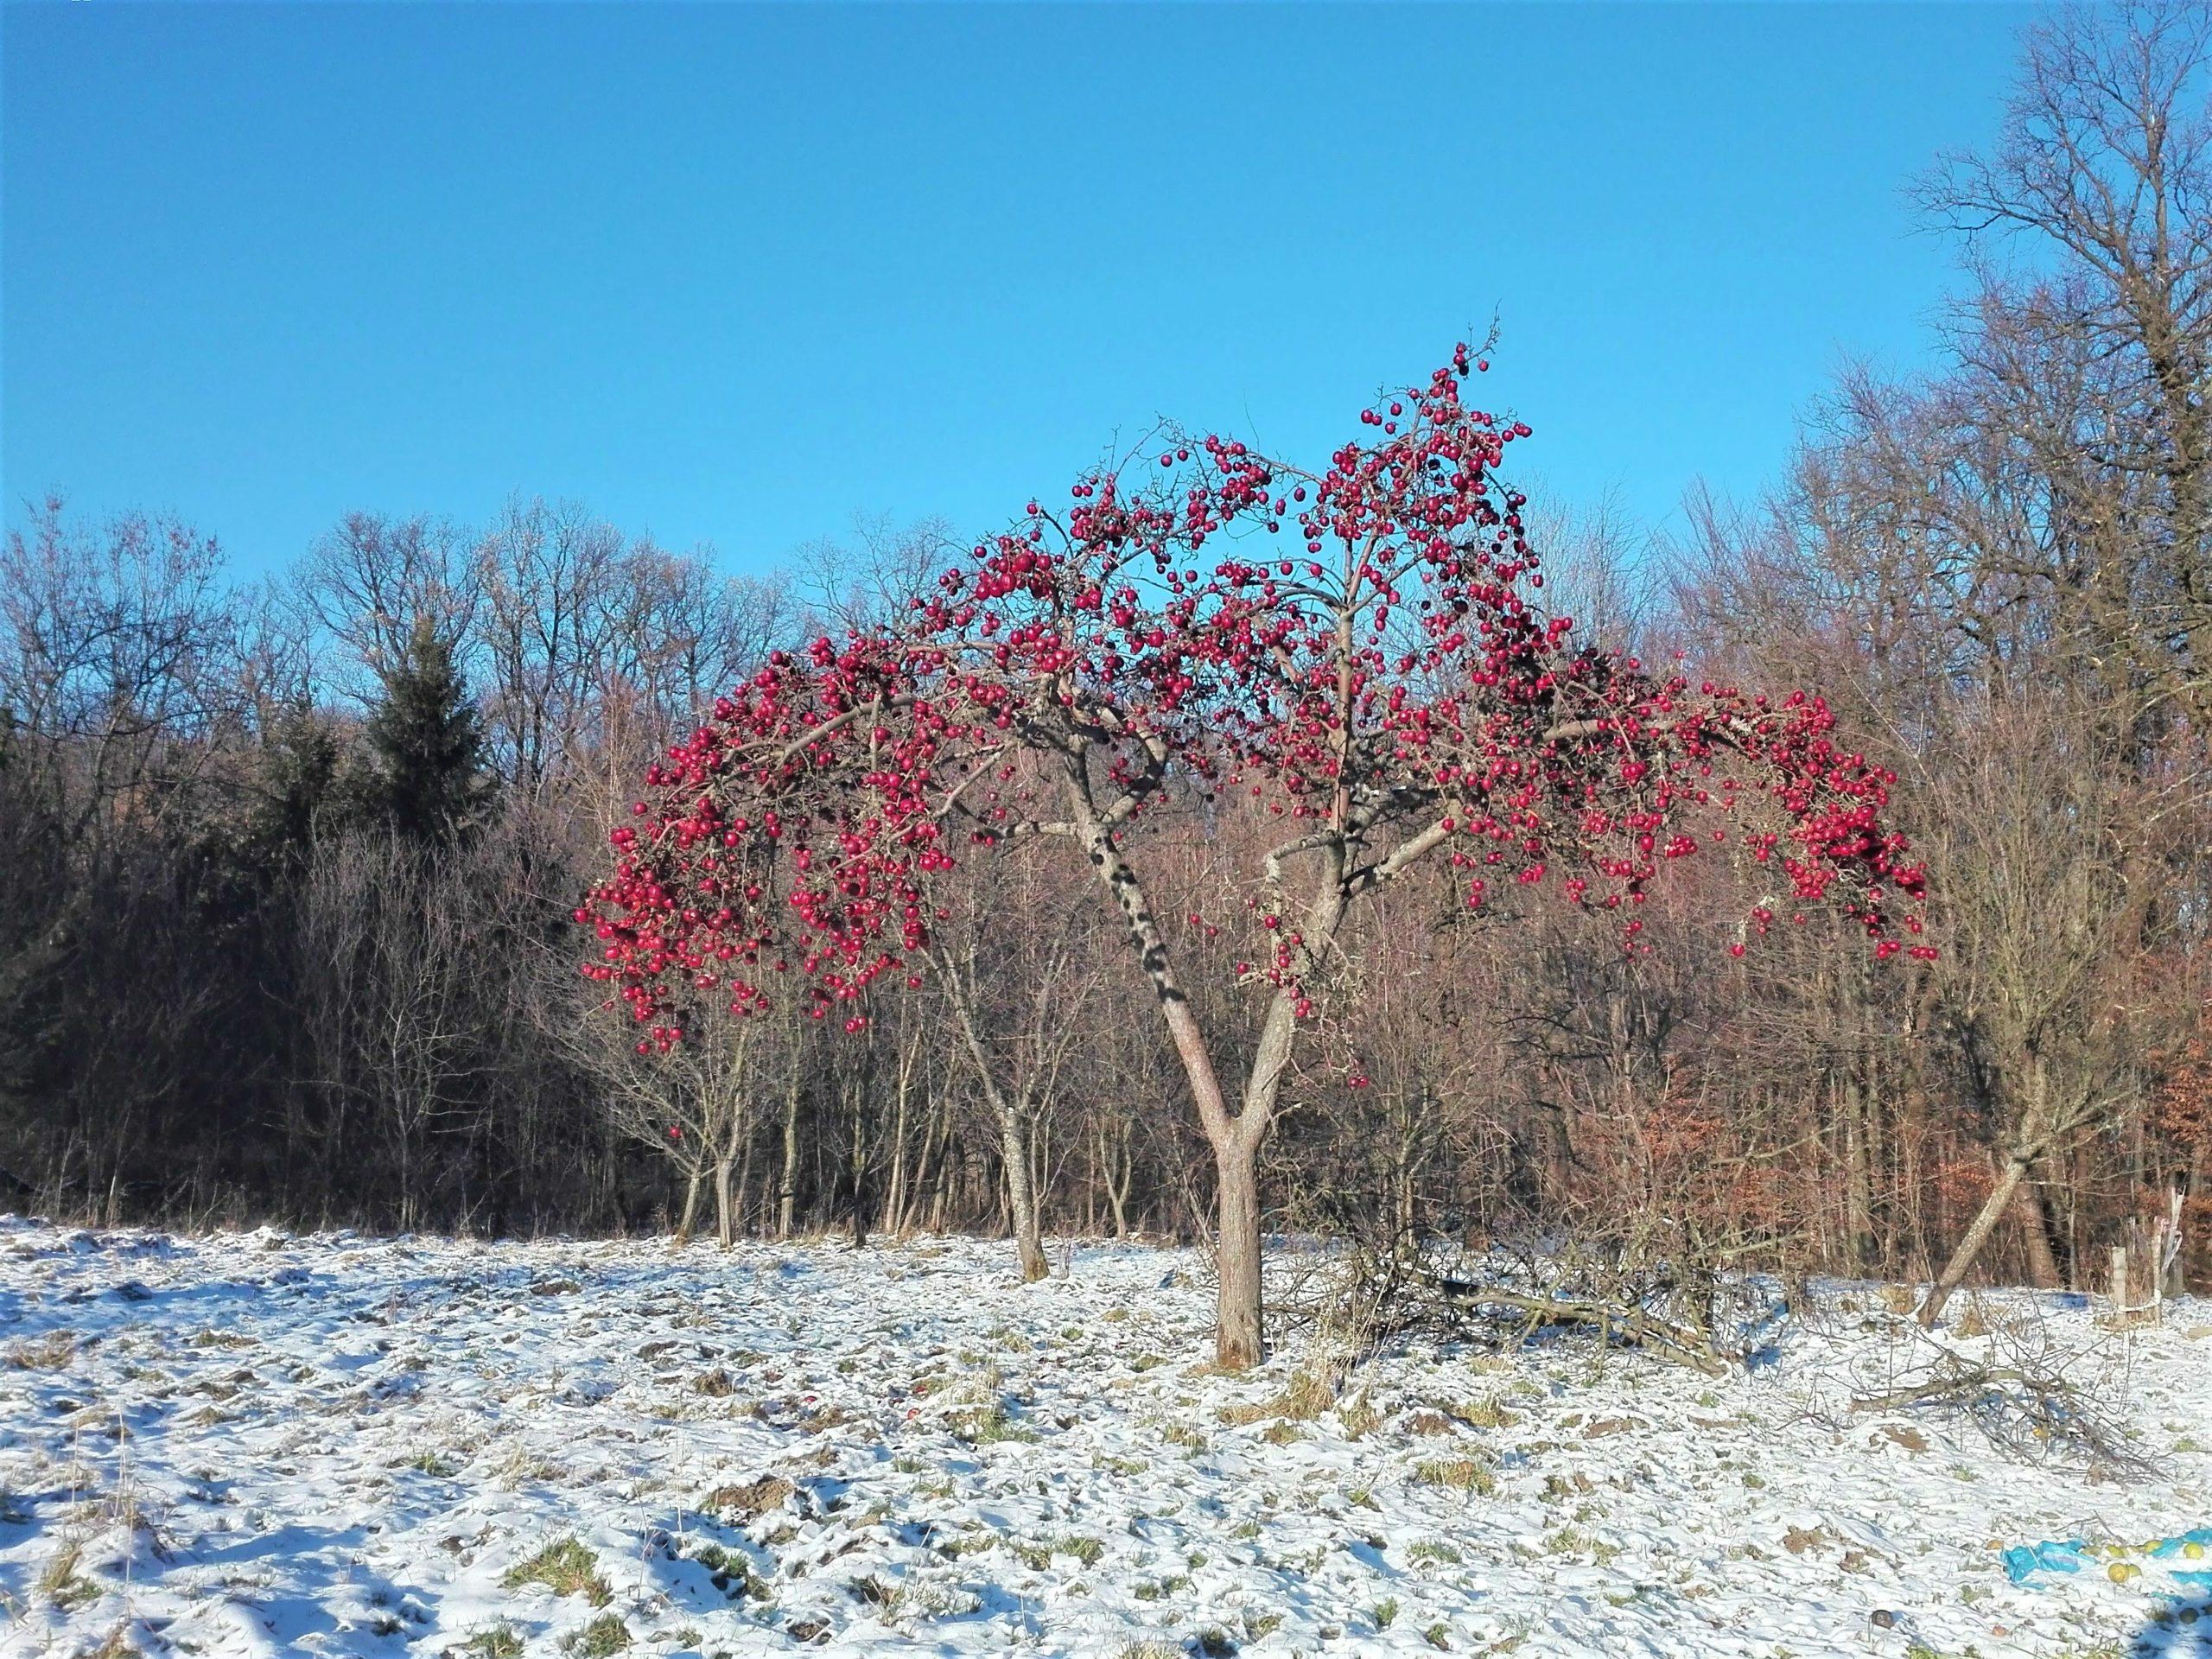 Jabłoń z czerwonymi jabłkami stojąca na sniegu